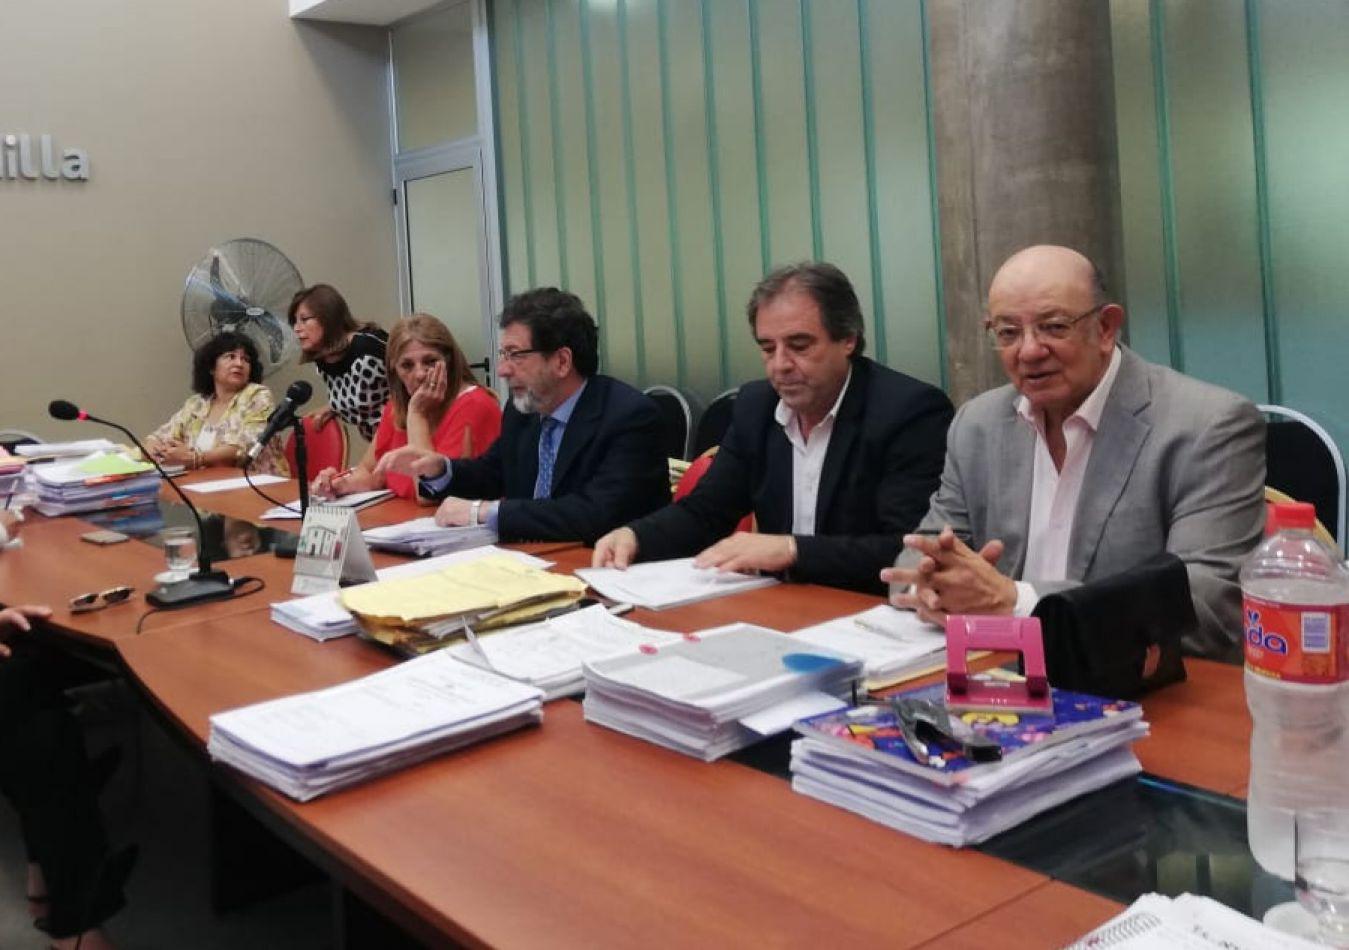 La Comisión Investigadora define si continúan con los pedidos de juicios políticos